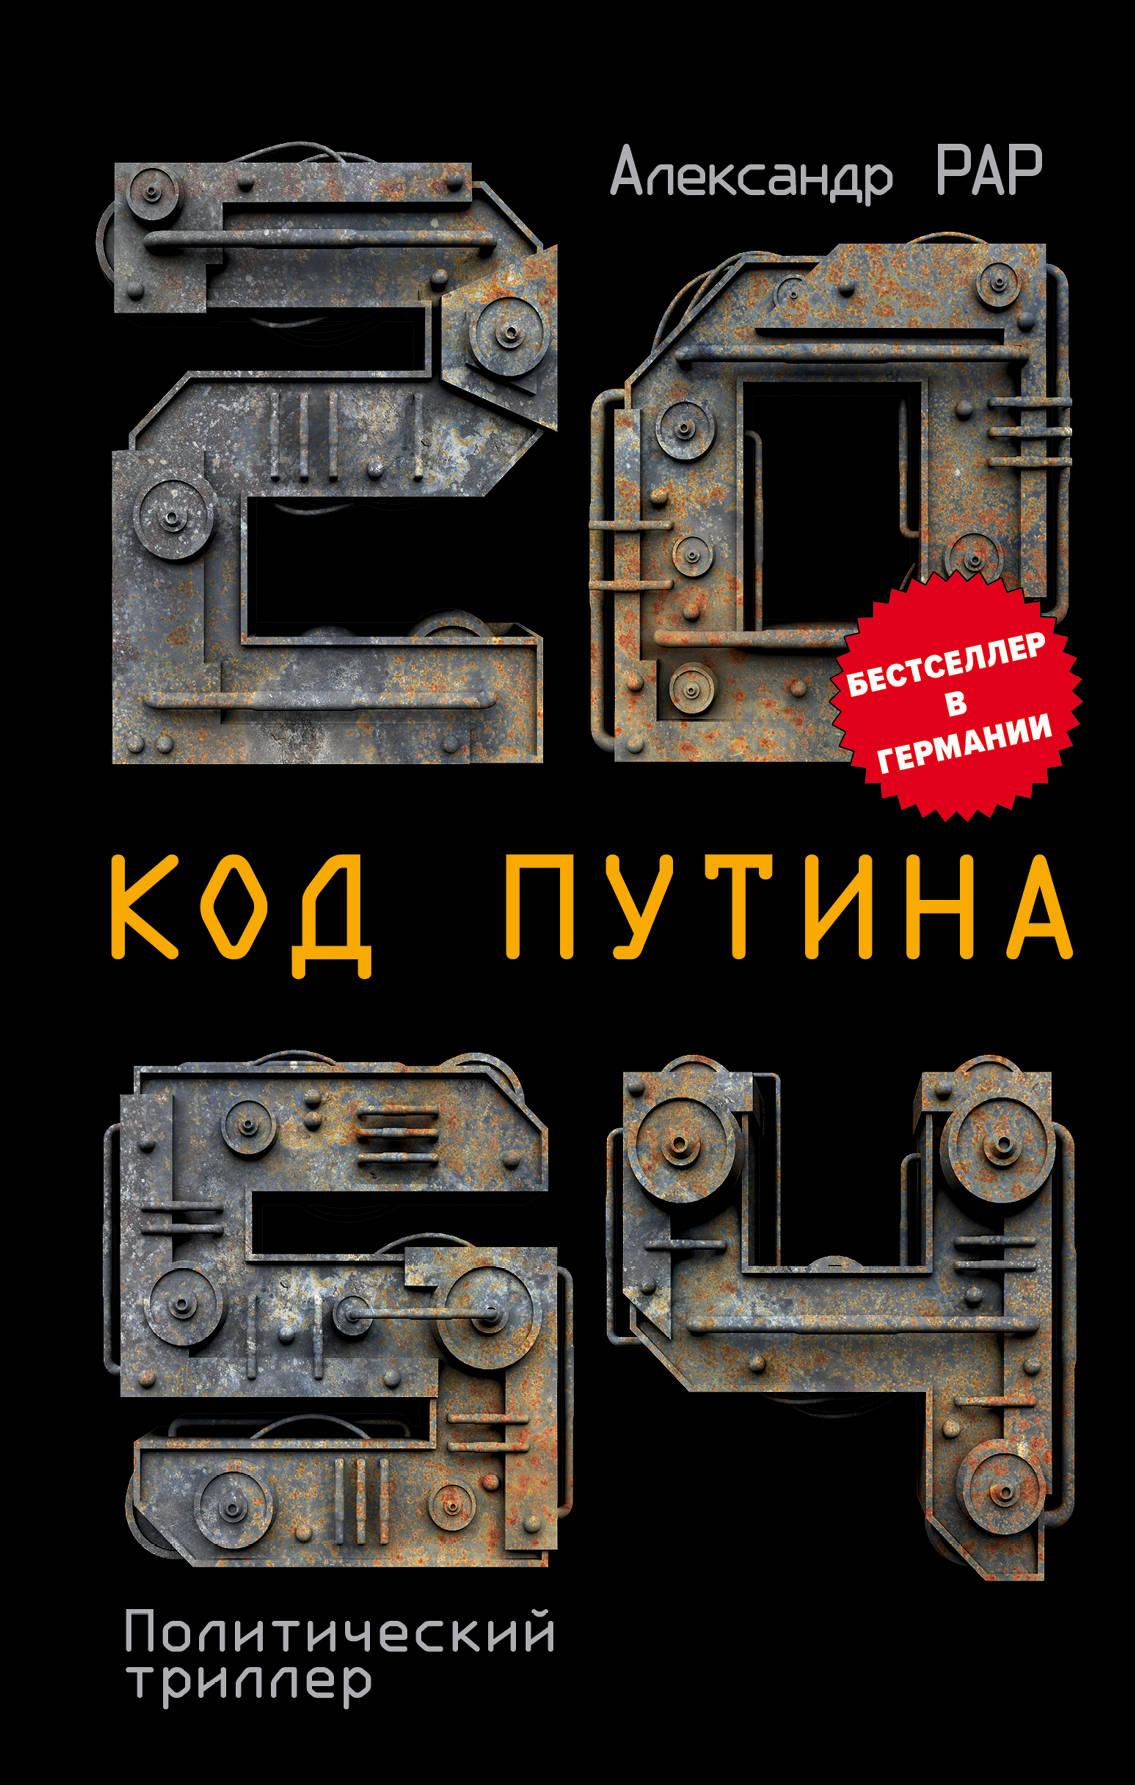 2054: Kod Putina